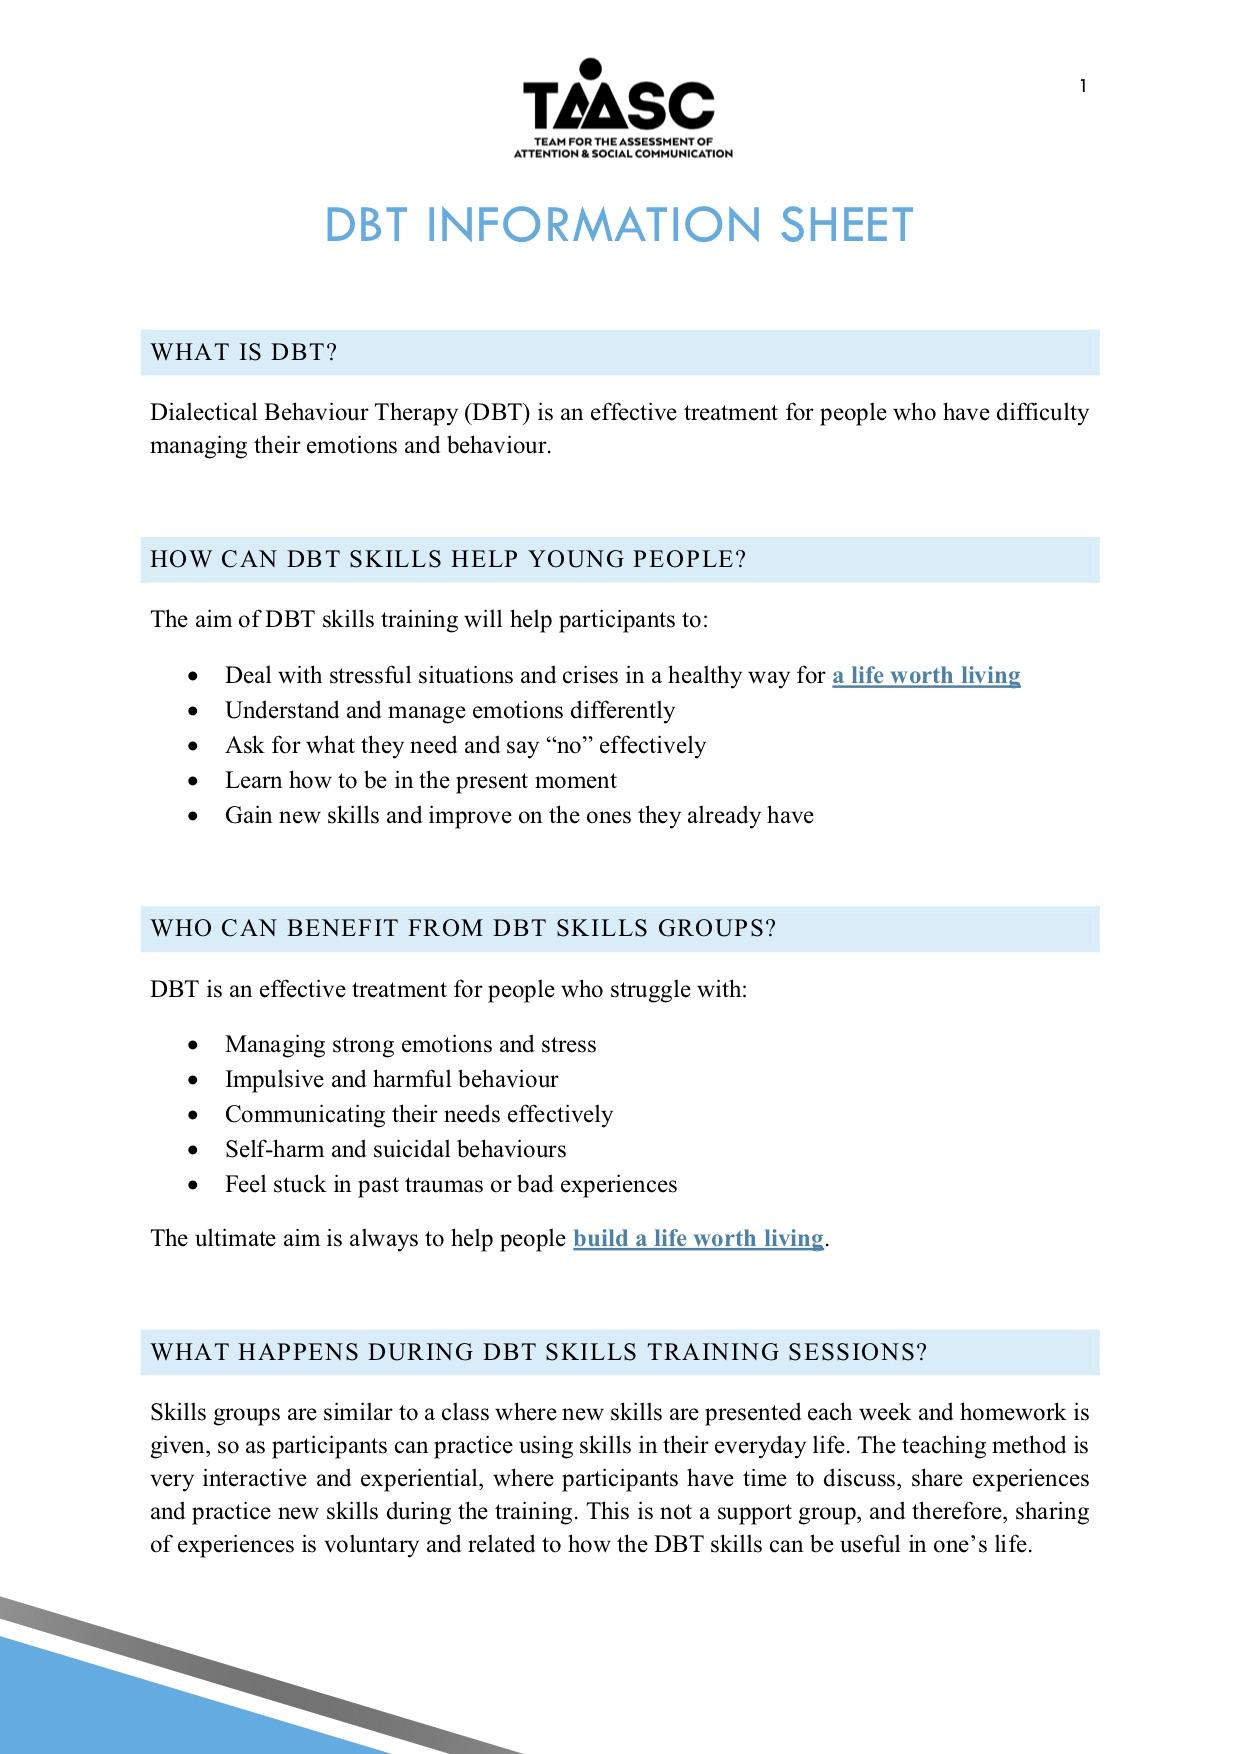 DBT Info sheet for TAASC.jpg